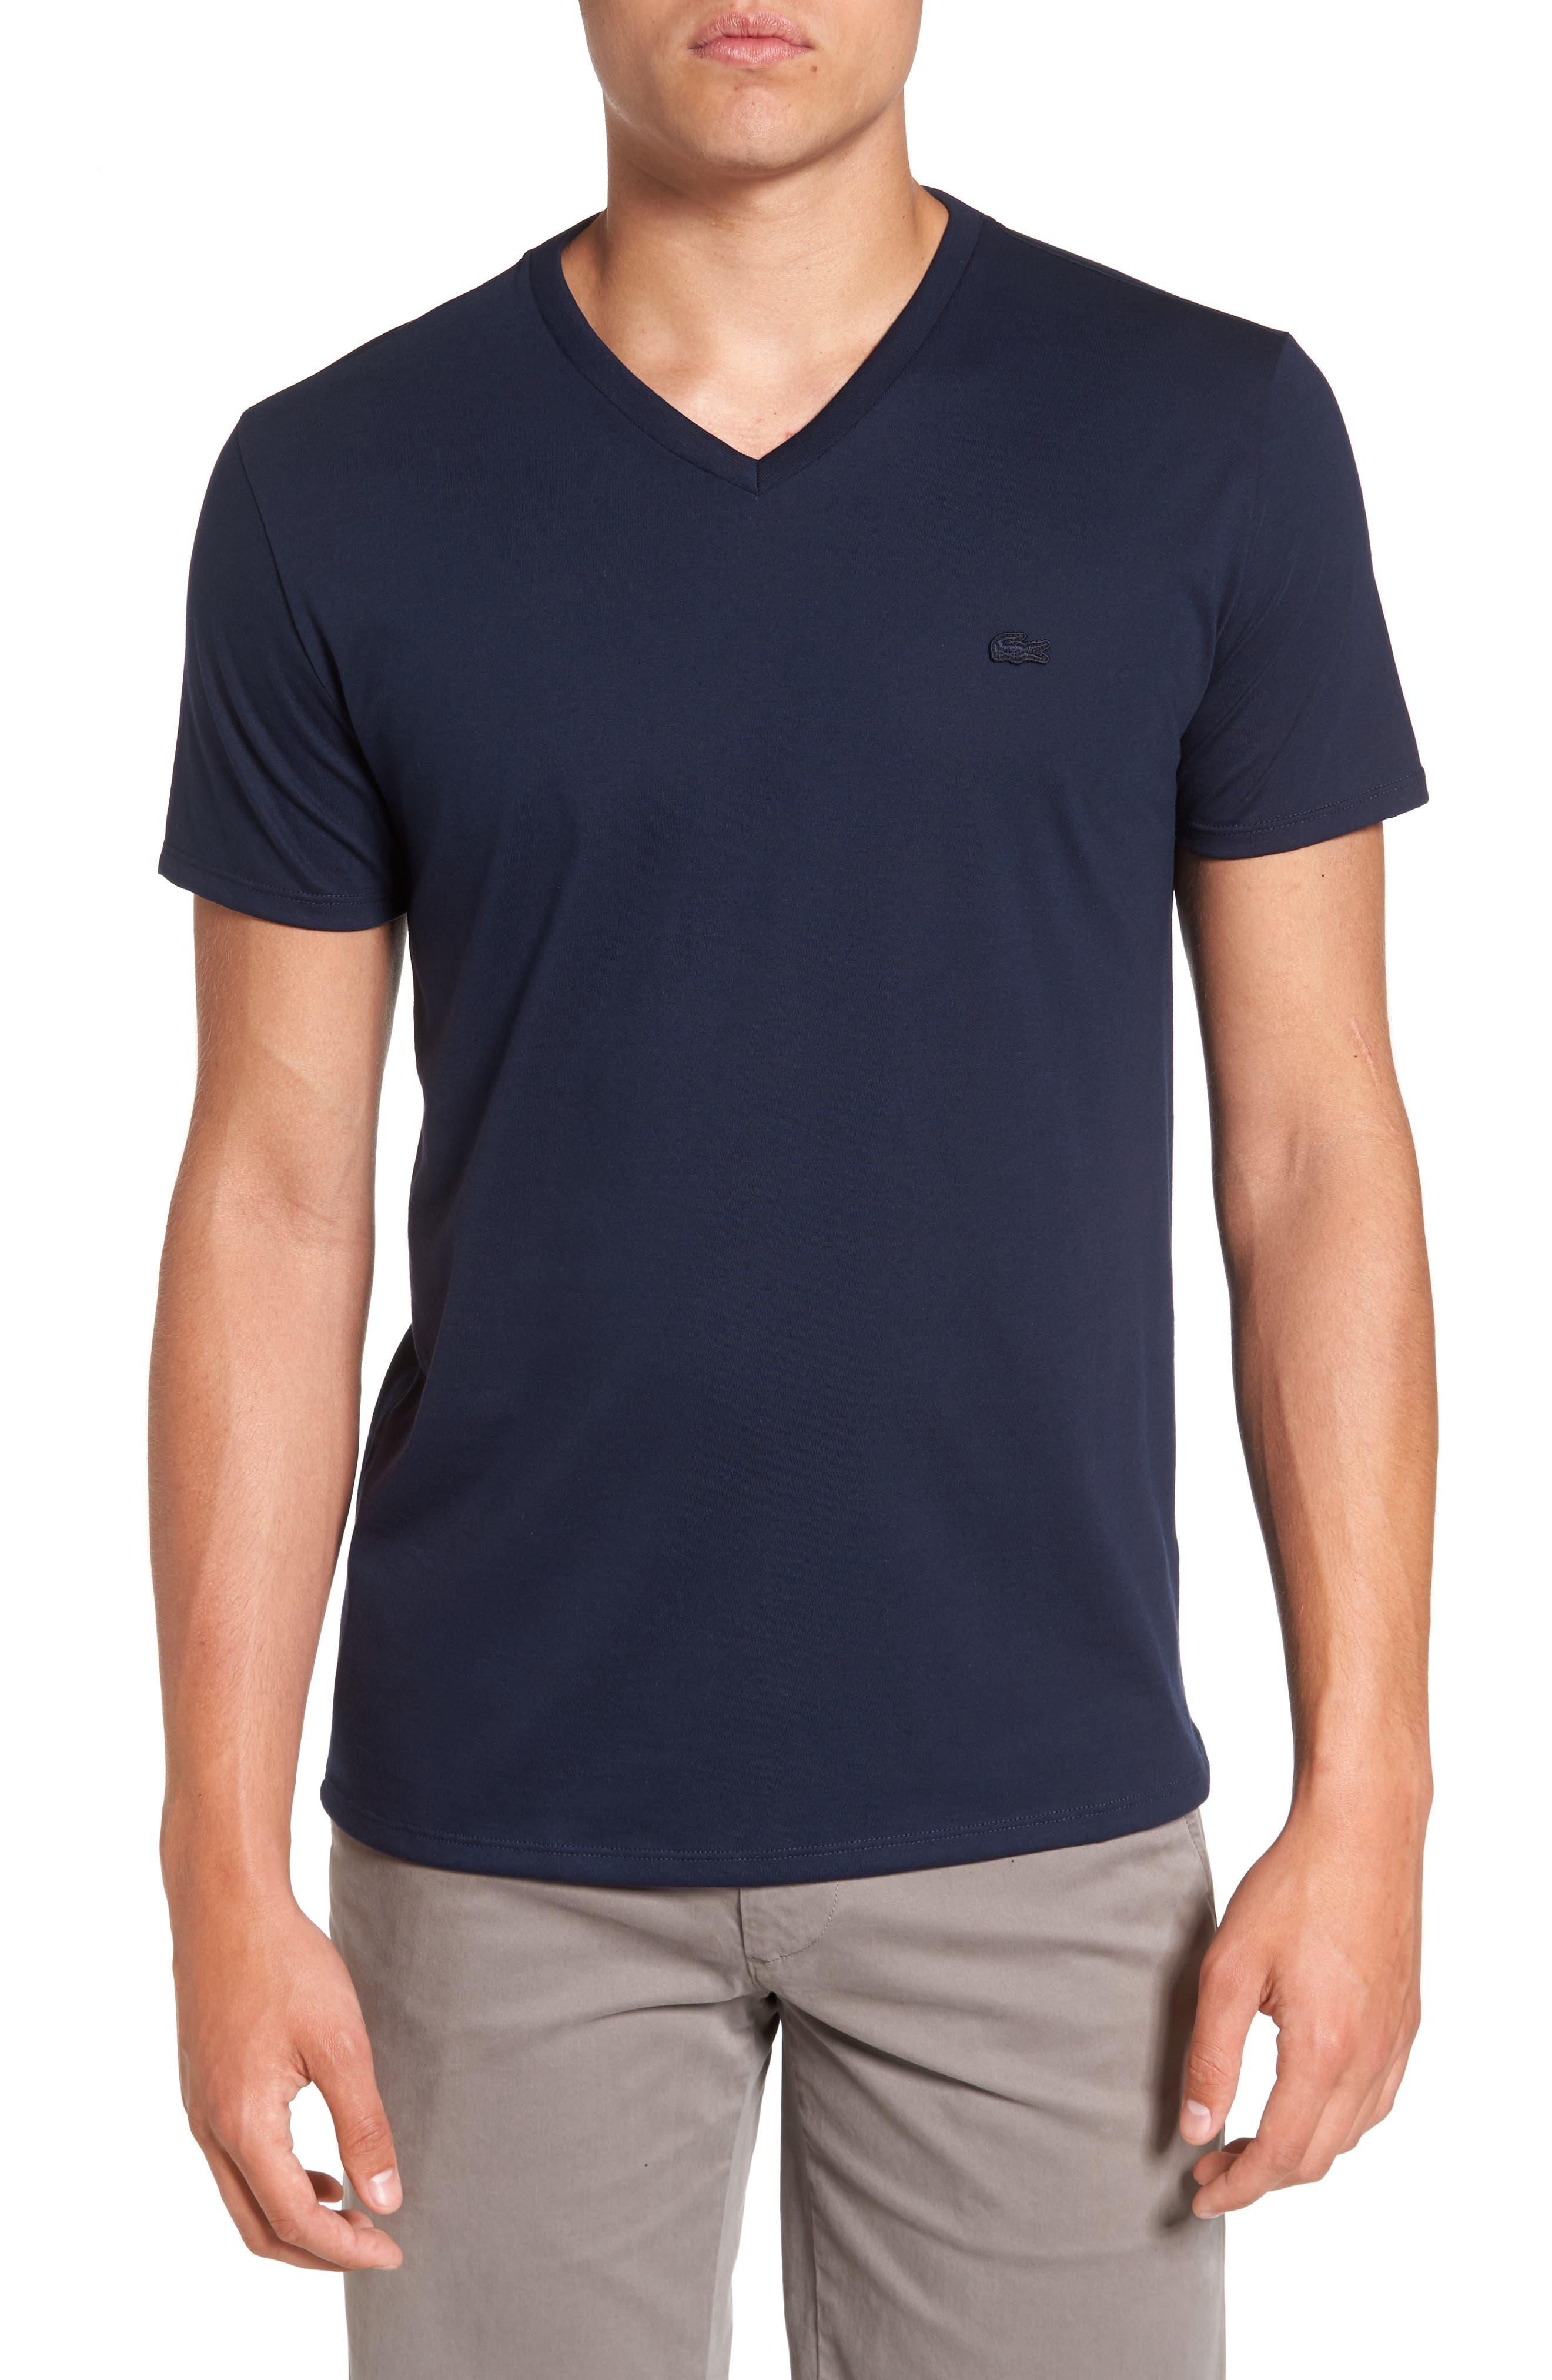 Lacoste Pima Cotton T-Shirt